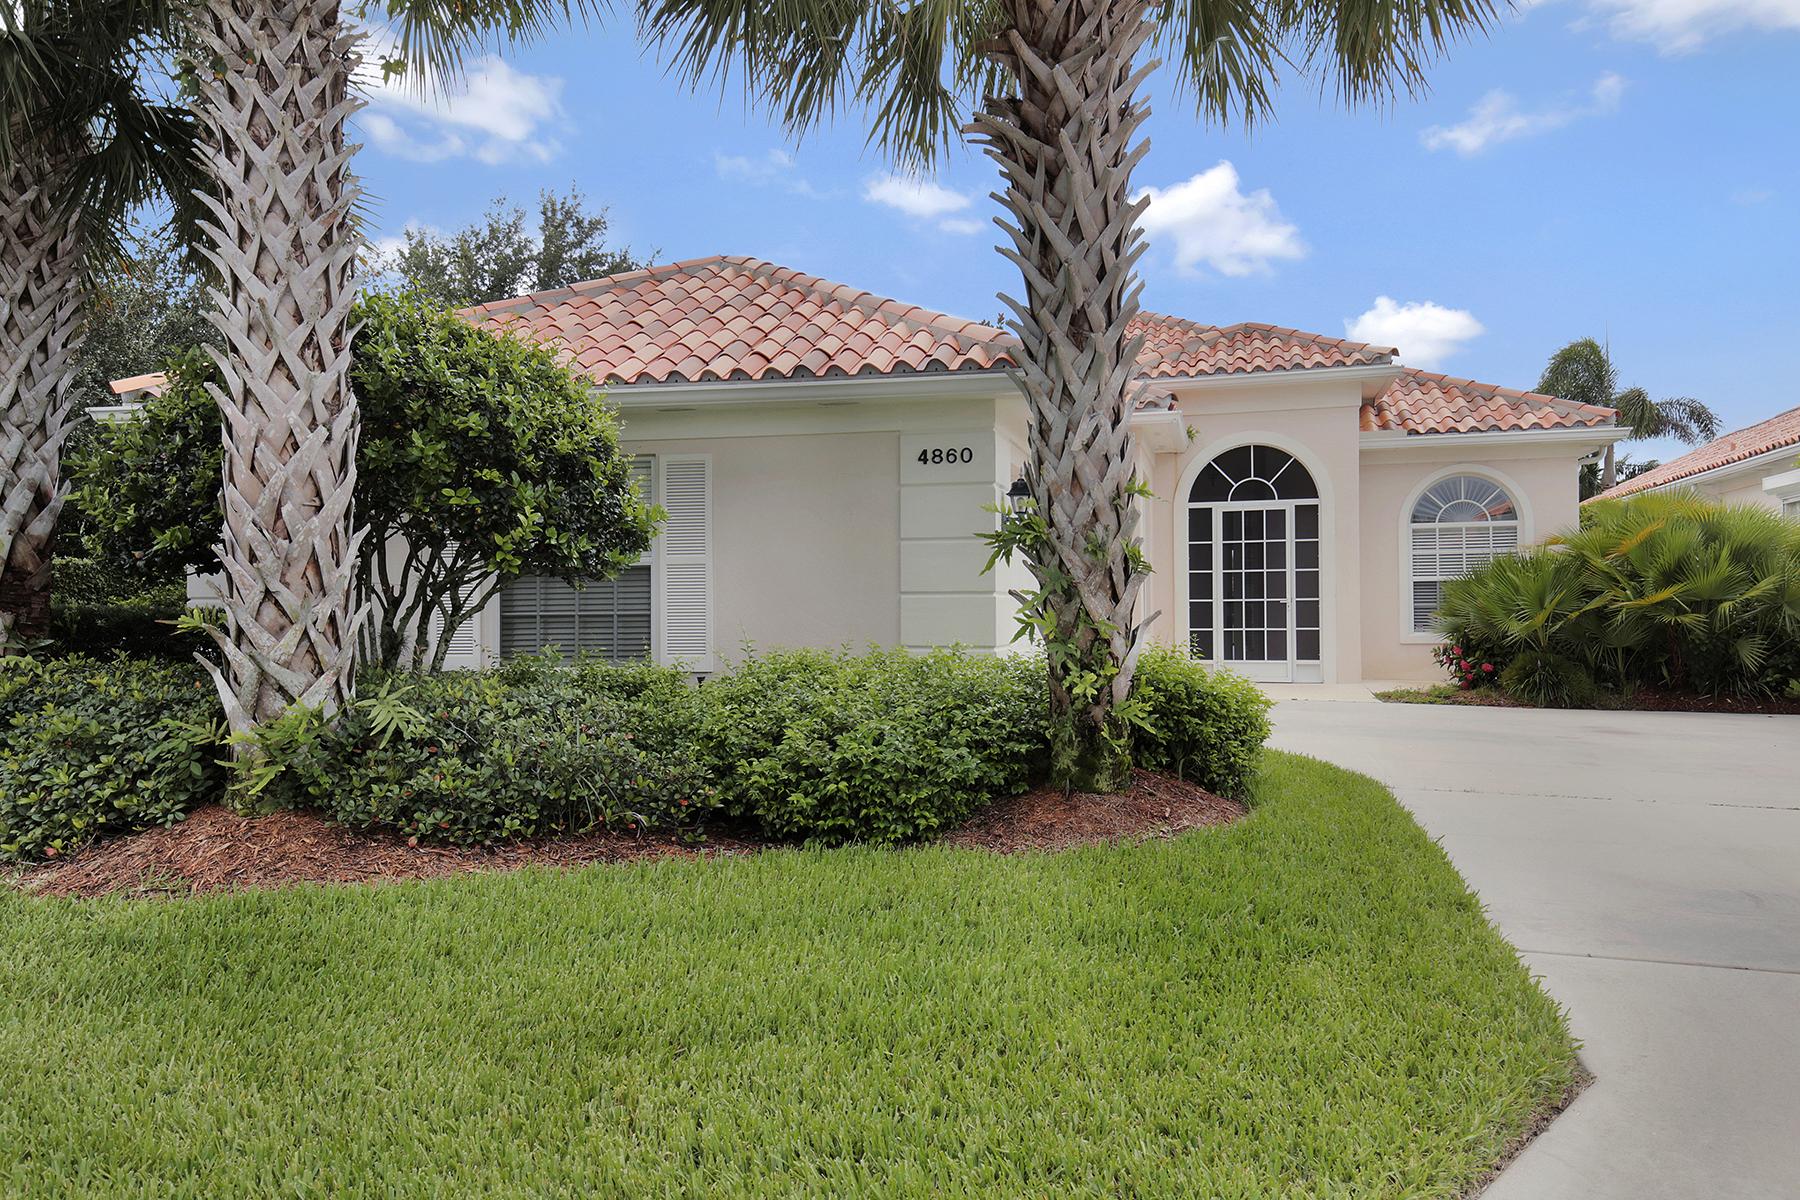 단독 가정 주택 용 매매 에 VILLAGE WALK 4860 San Pablo Ct Naples, 플로리다 34109 미국